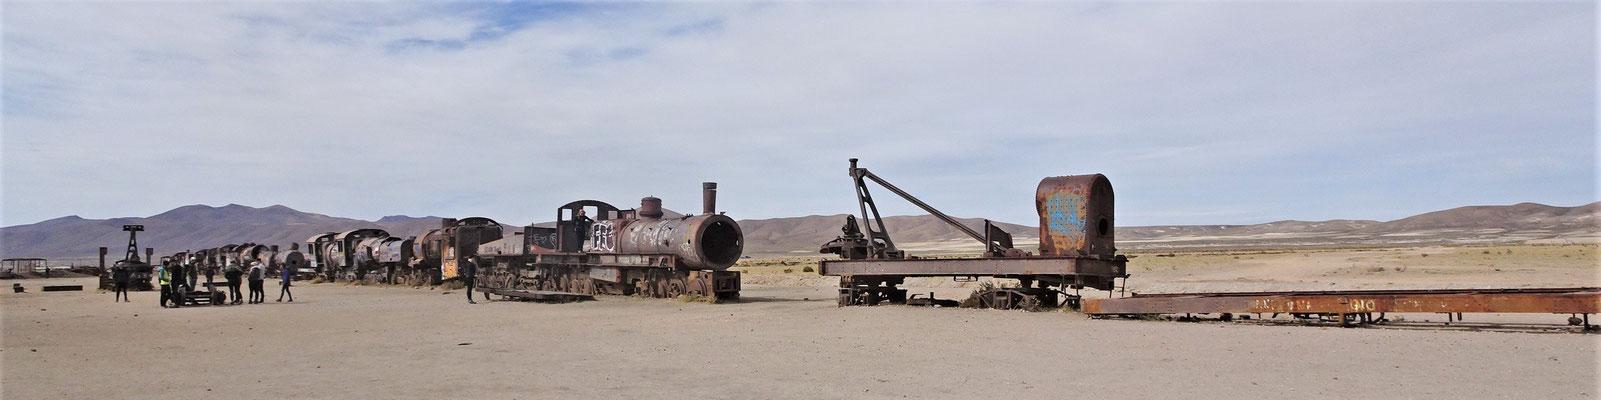 ......den alten Dampfloks.